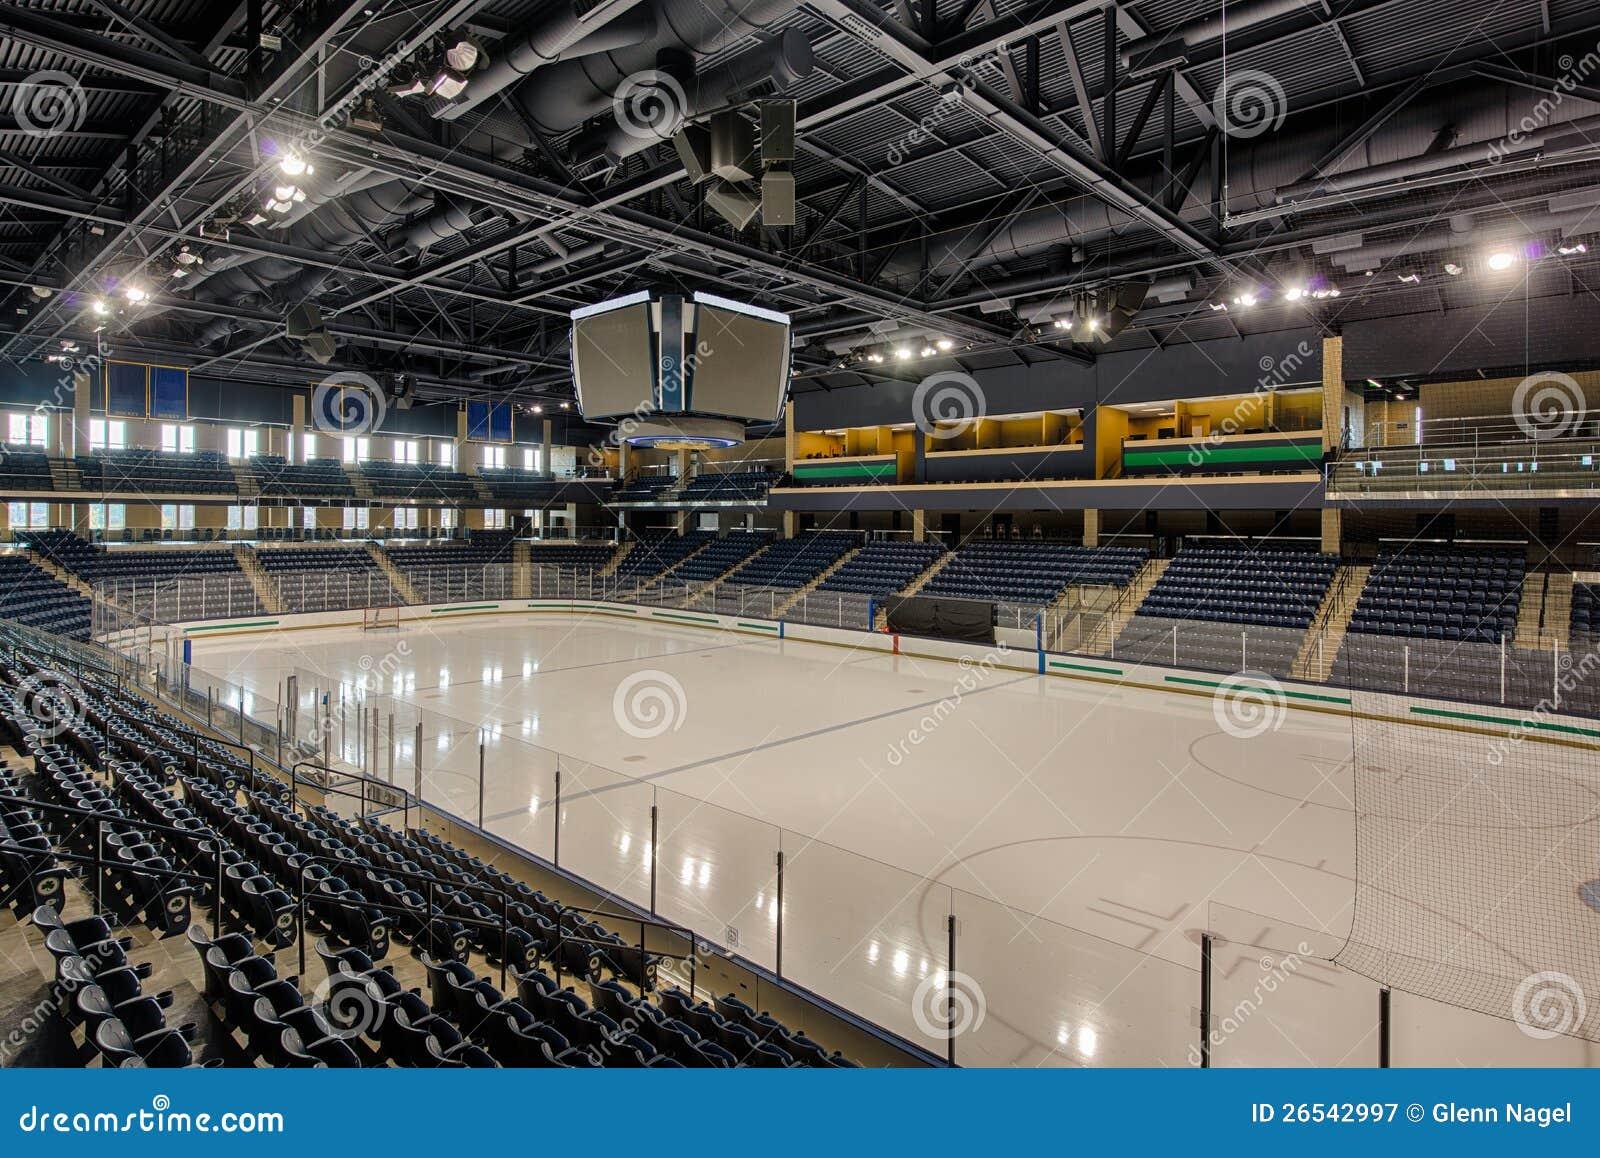 empty hockey arena royalty free stock photography